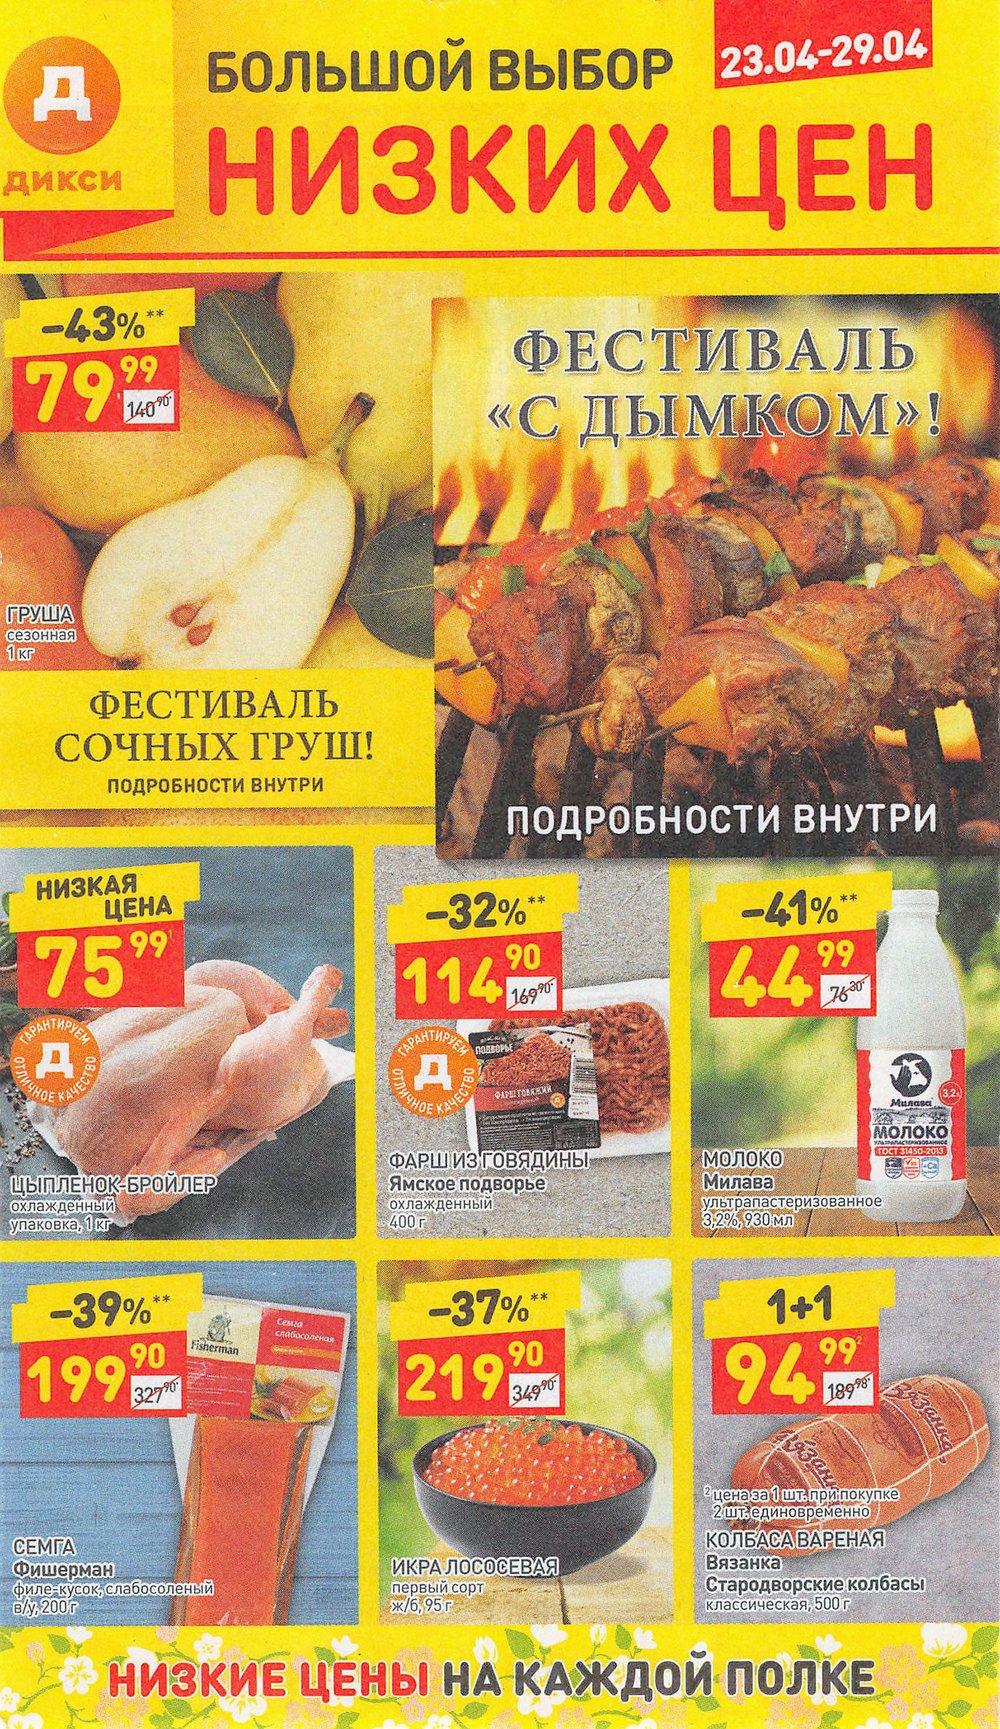 Каталог акций Дикси с 23 по 29 апреля 2018 - стр. 1